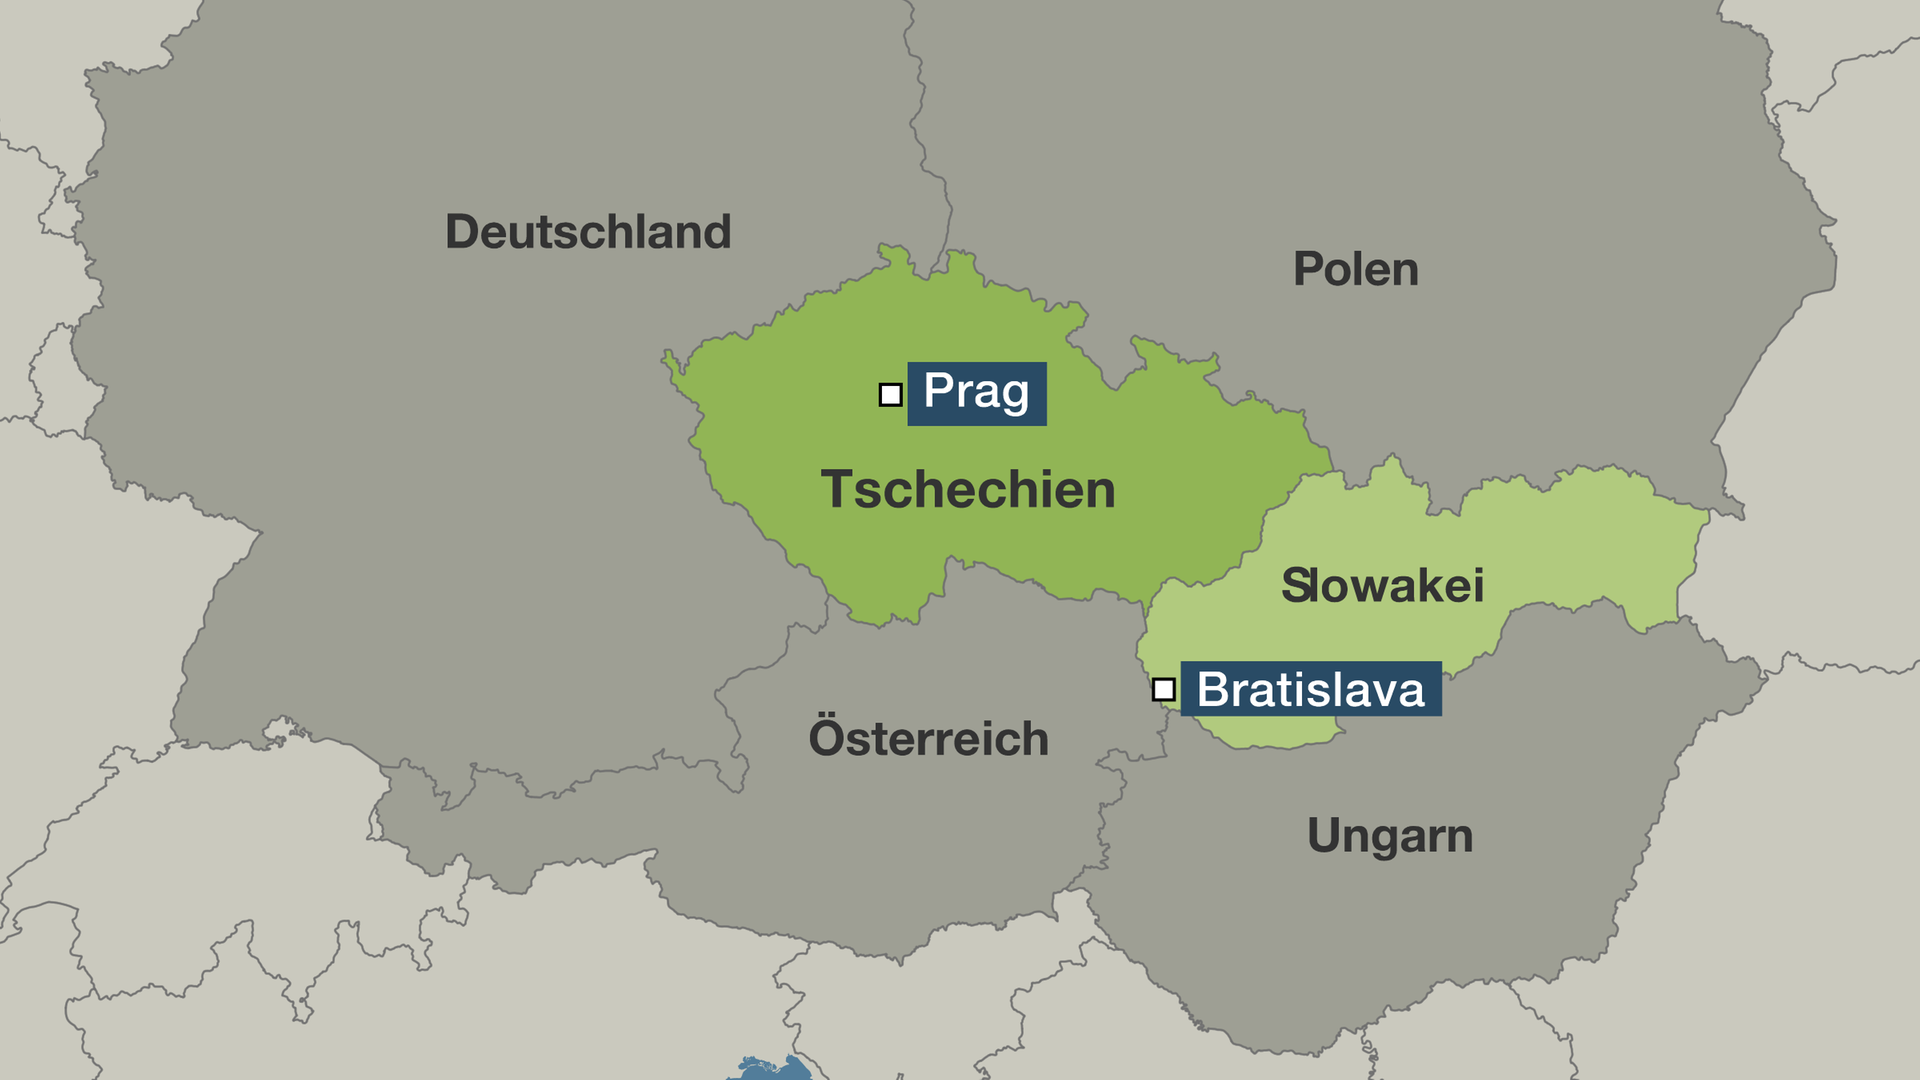 Karte Tschechien.25 Jahre Teilung Tschechoslowakei Aus Eins Wurden Zwei Zdfmediathek